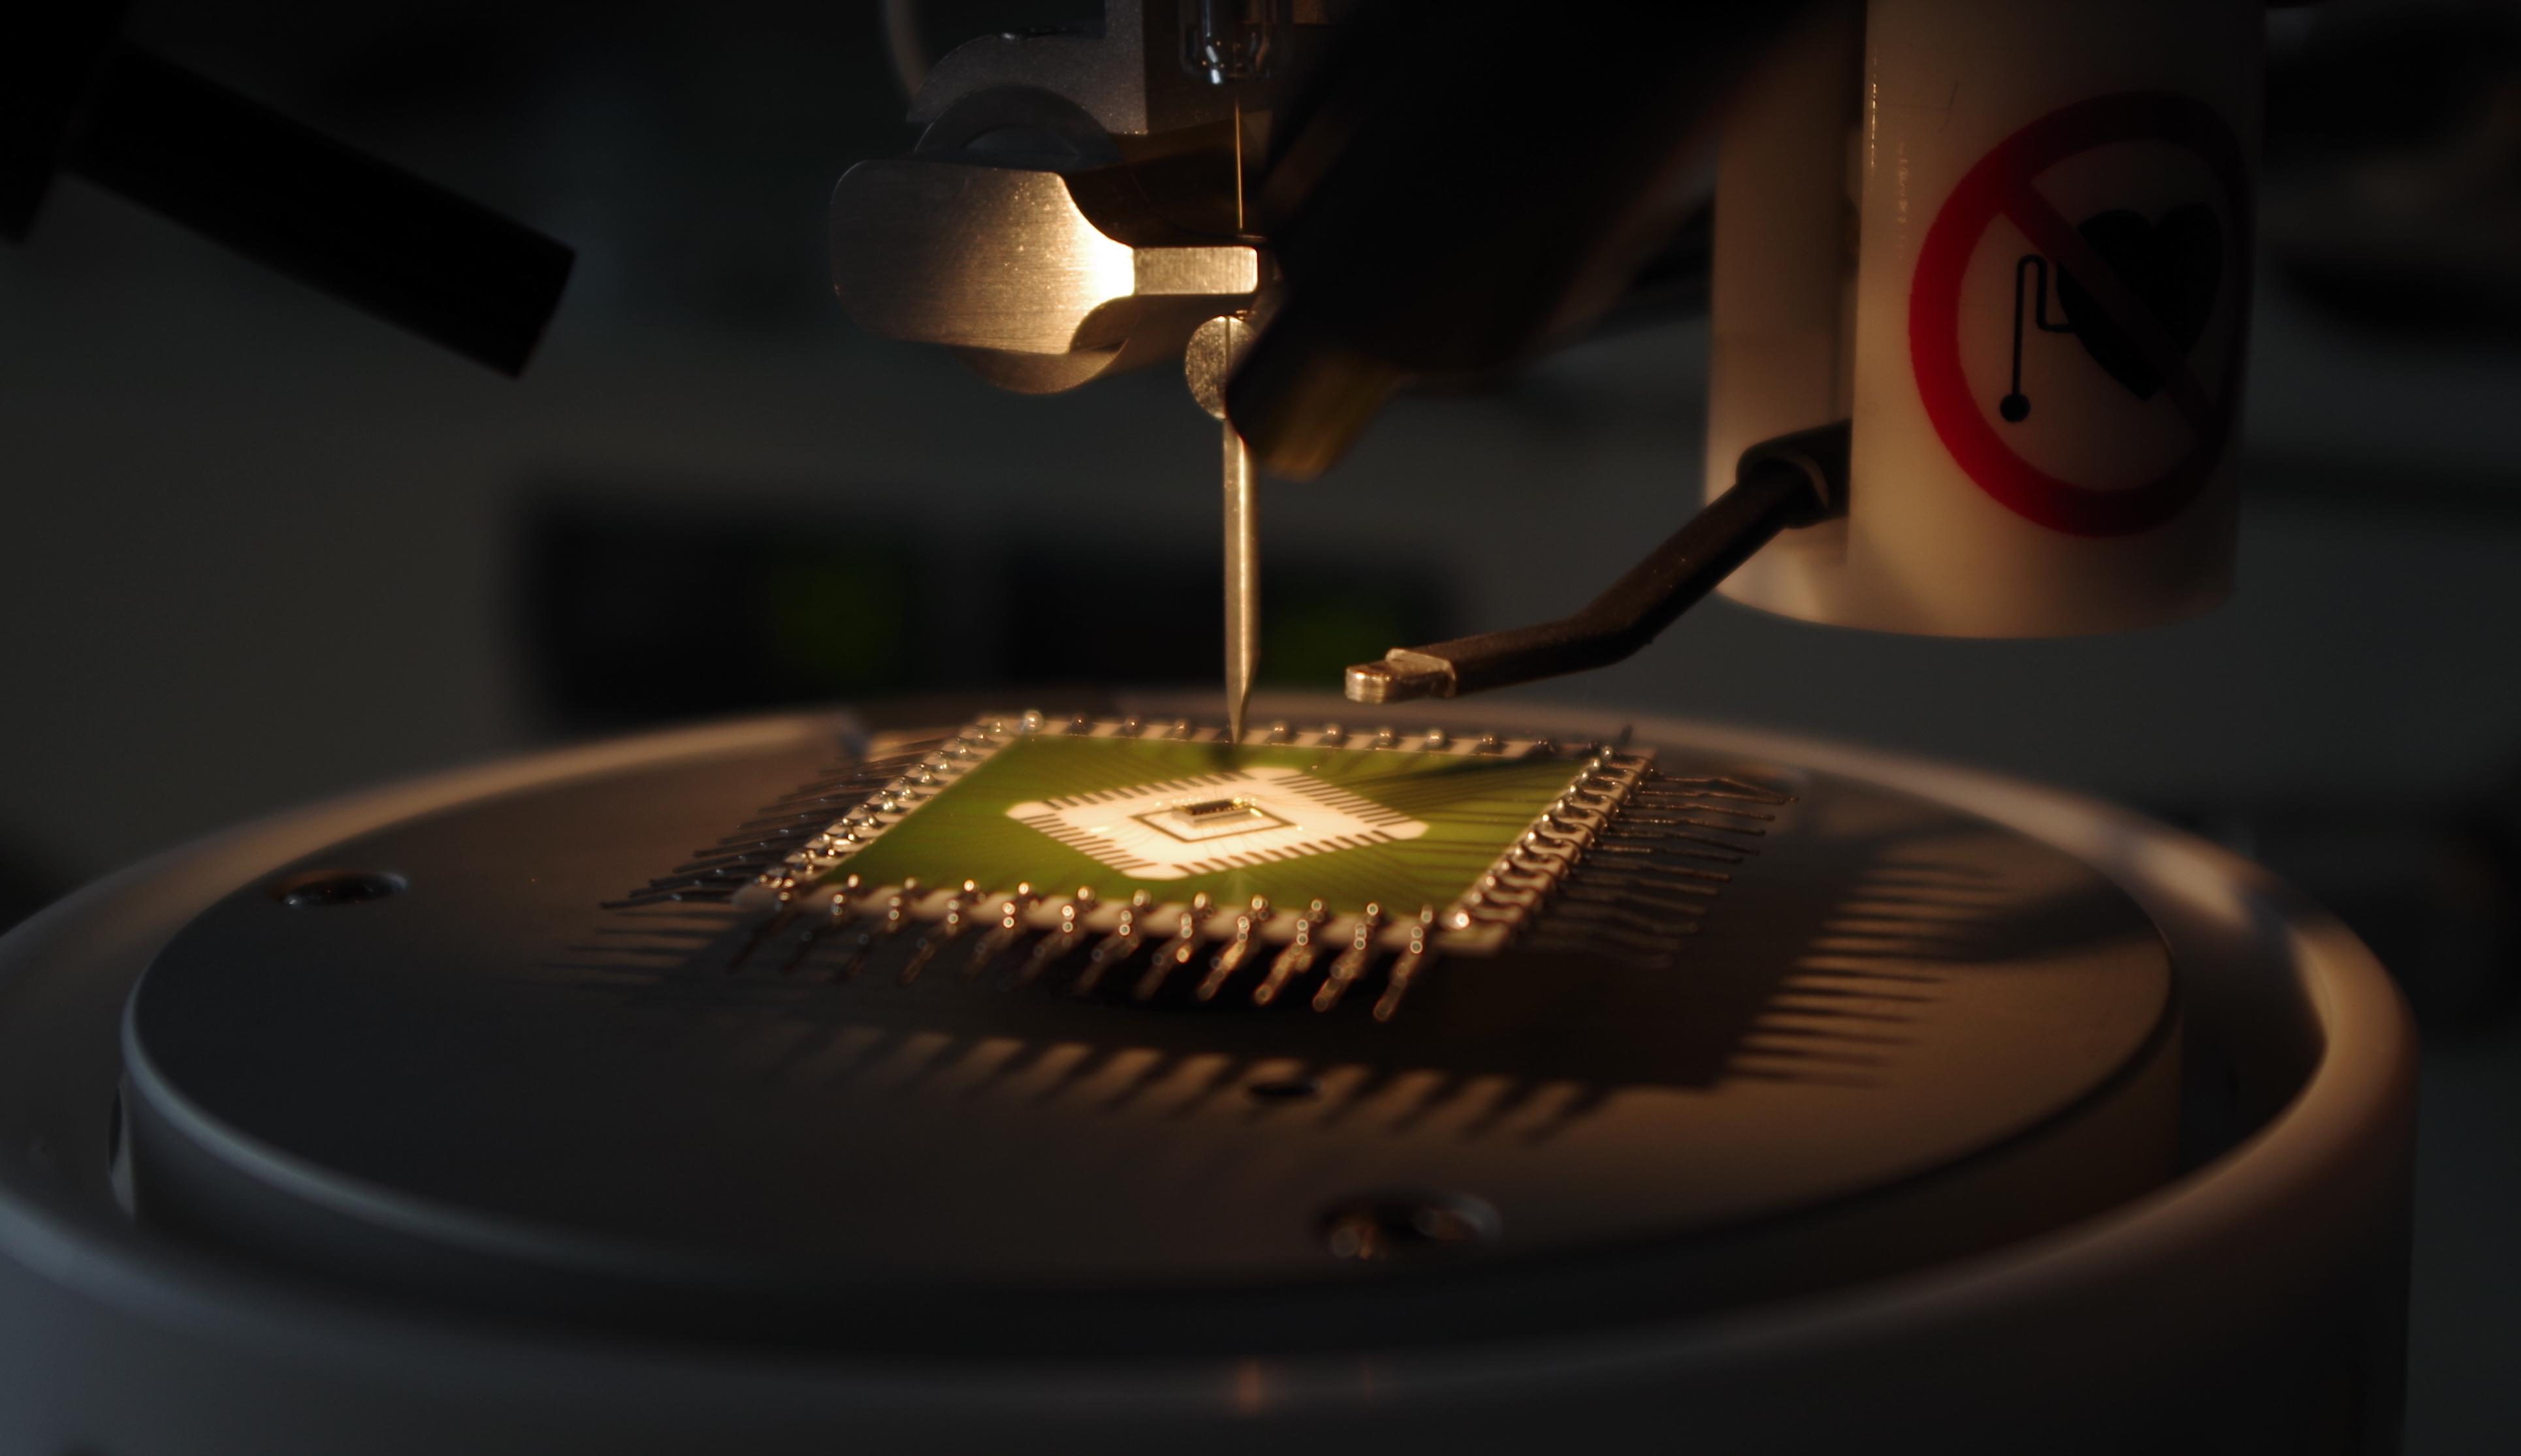 Laboratoř mikroelektronických technologií a pouzdření - Procesy v mikroelektronických montážních technologiích